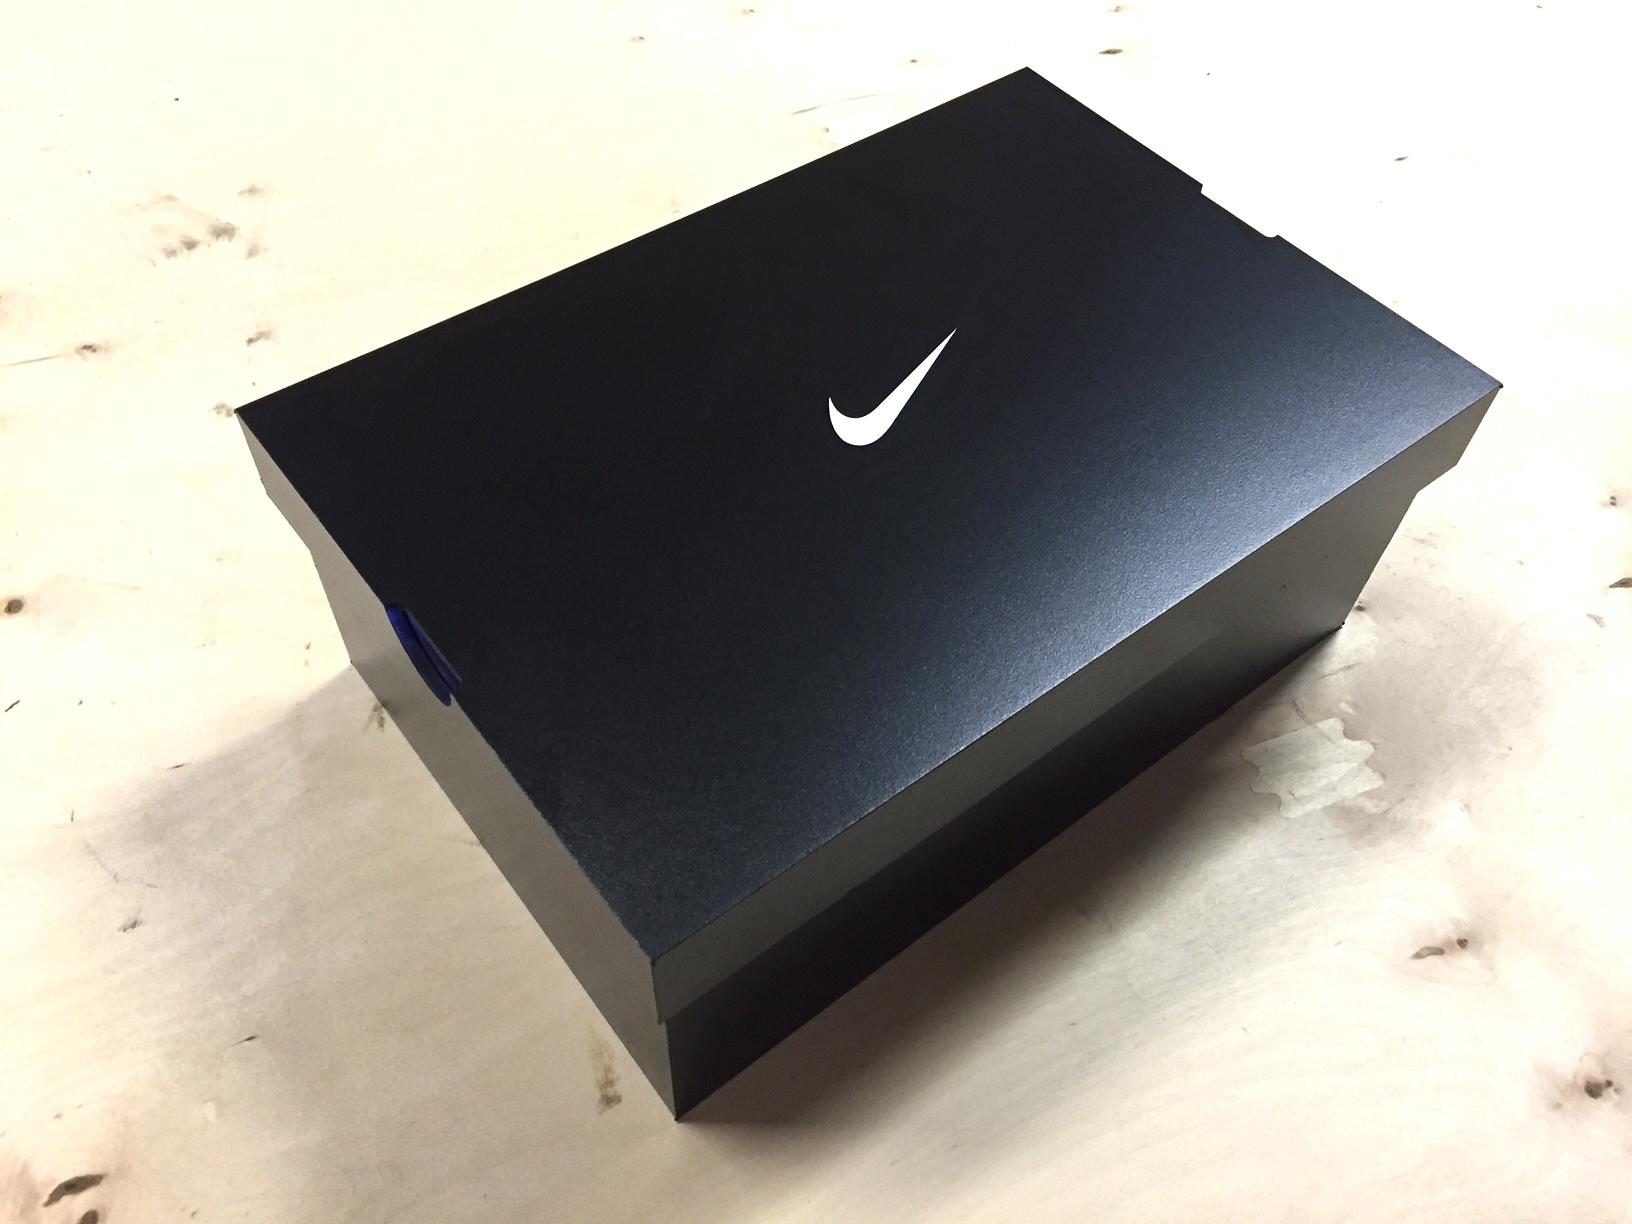 Nike shoe box2.JPG